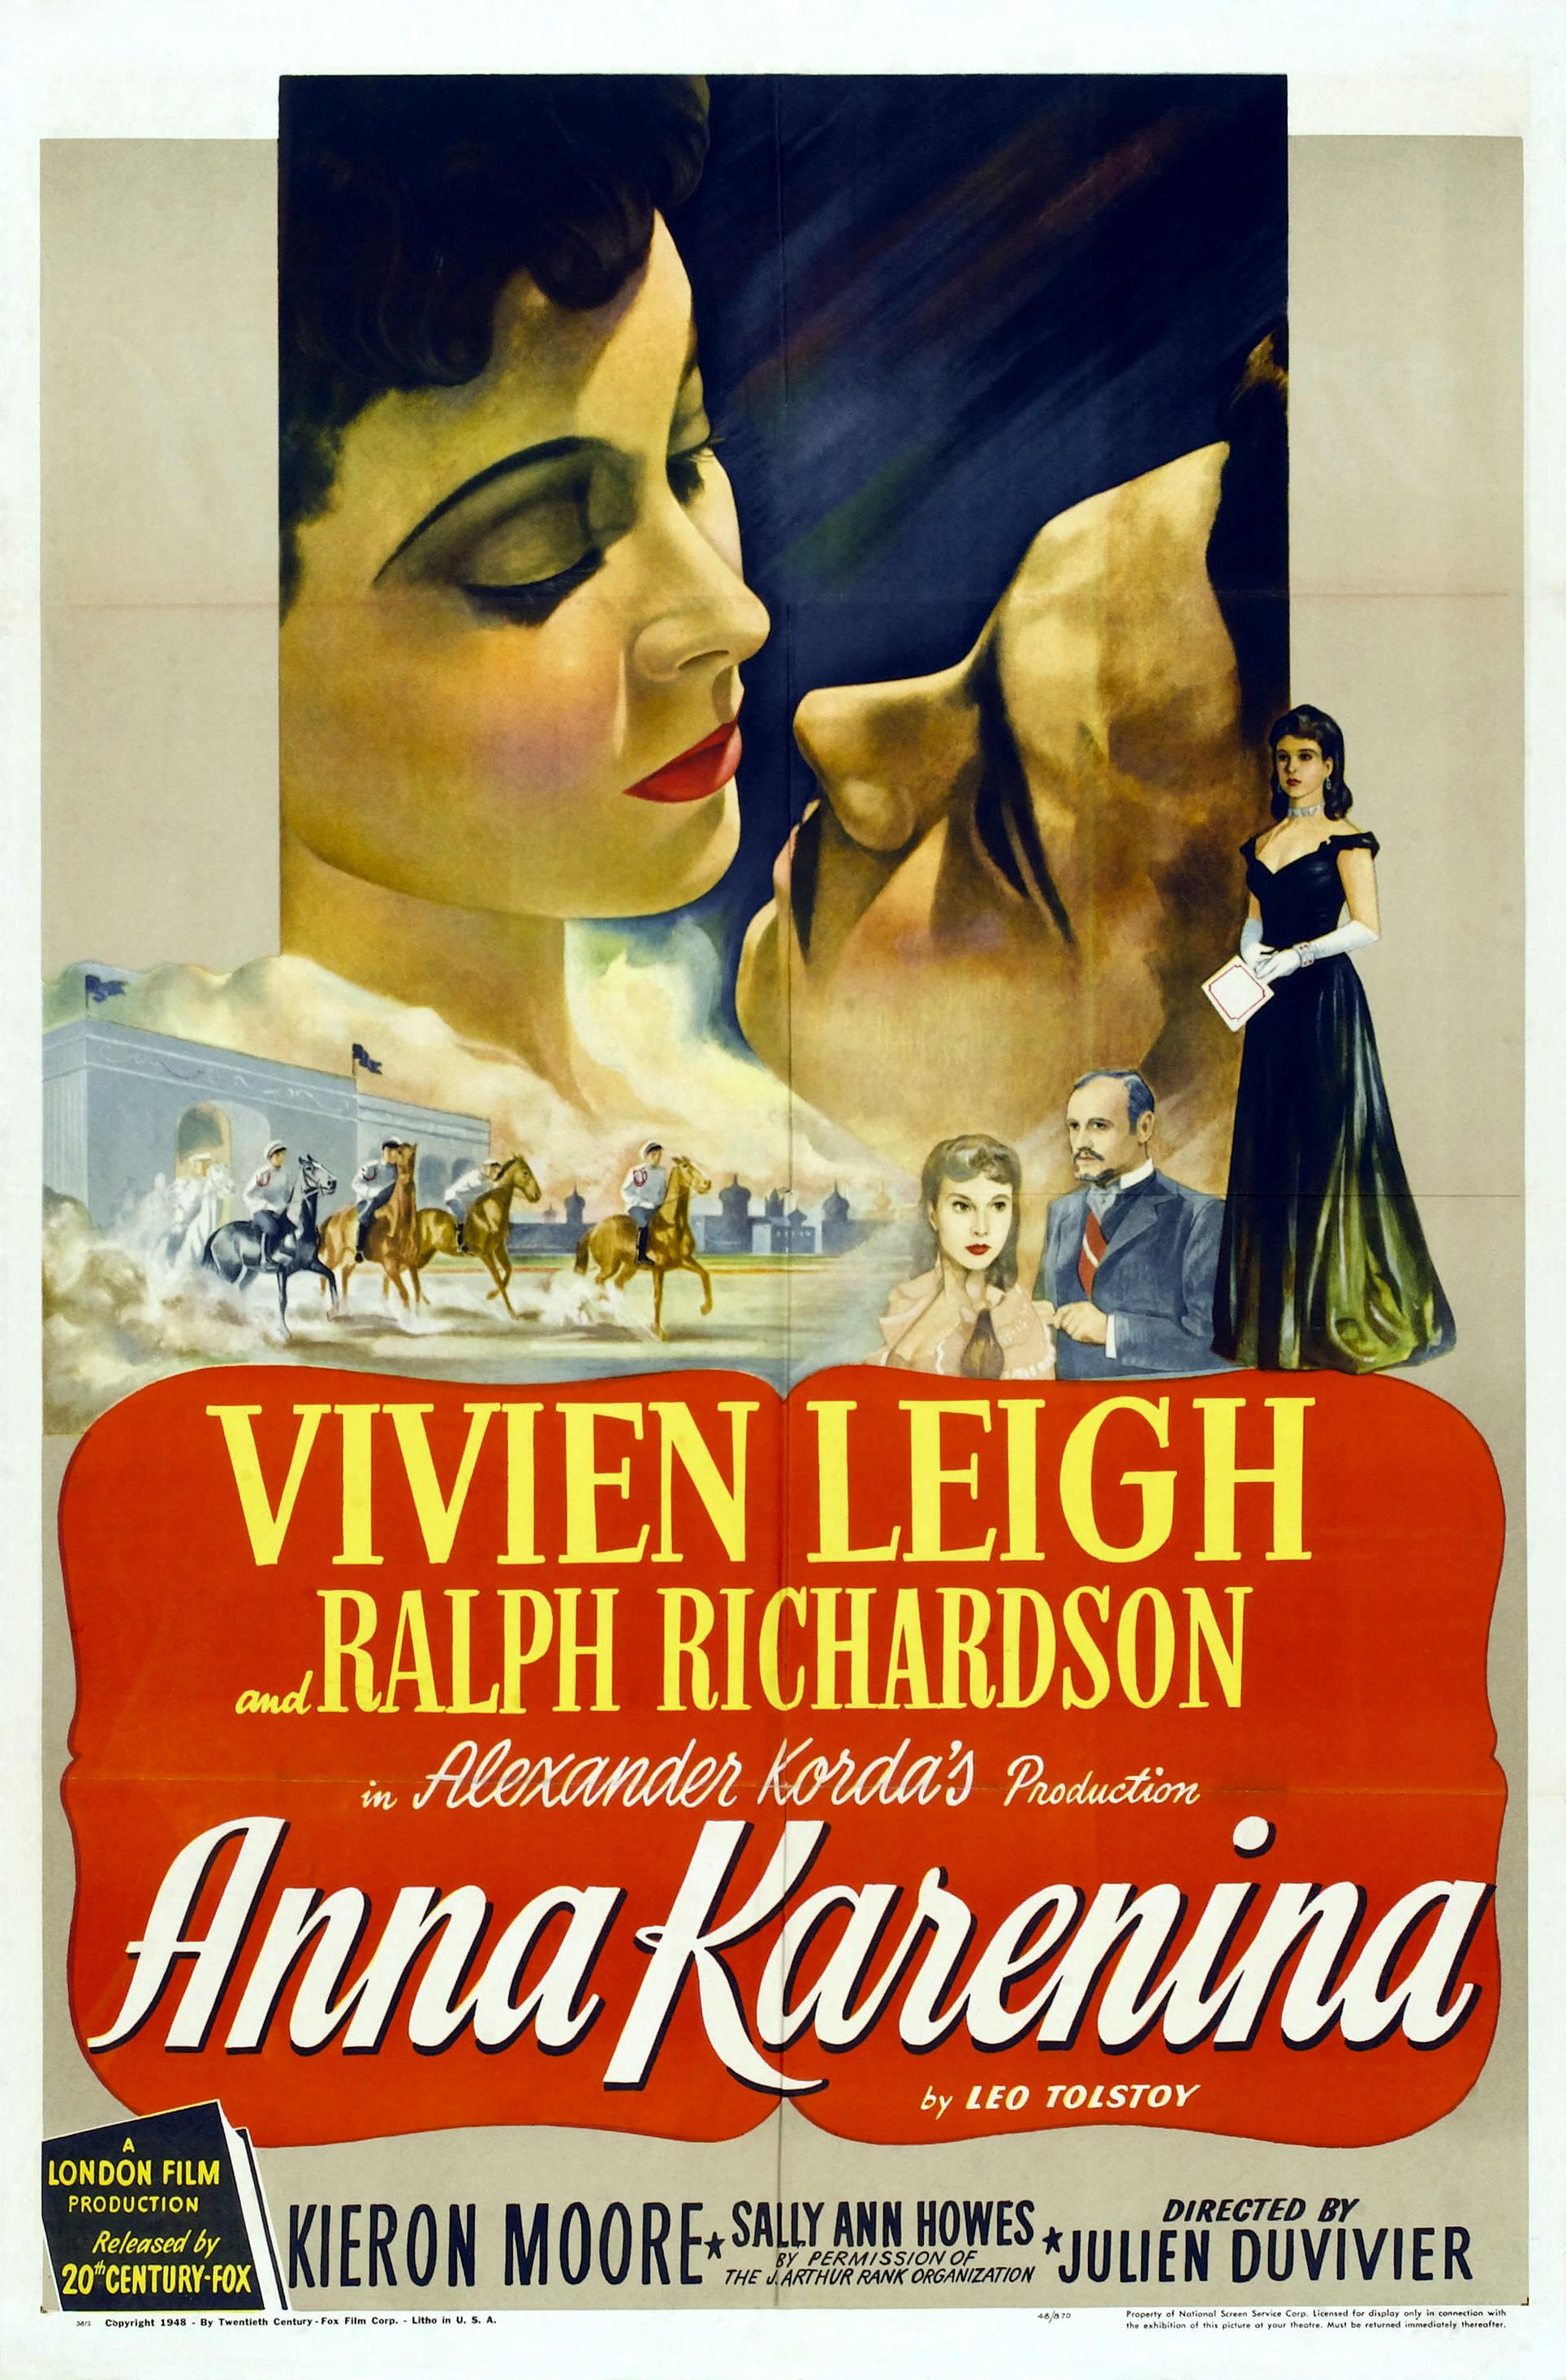 Anna Karenina hd on soap2day